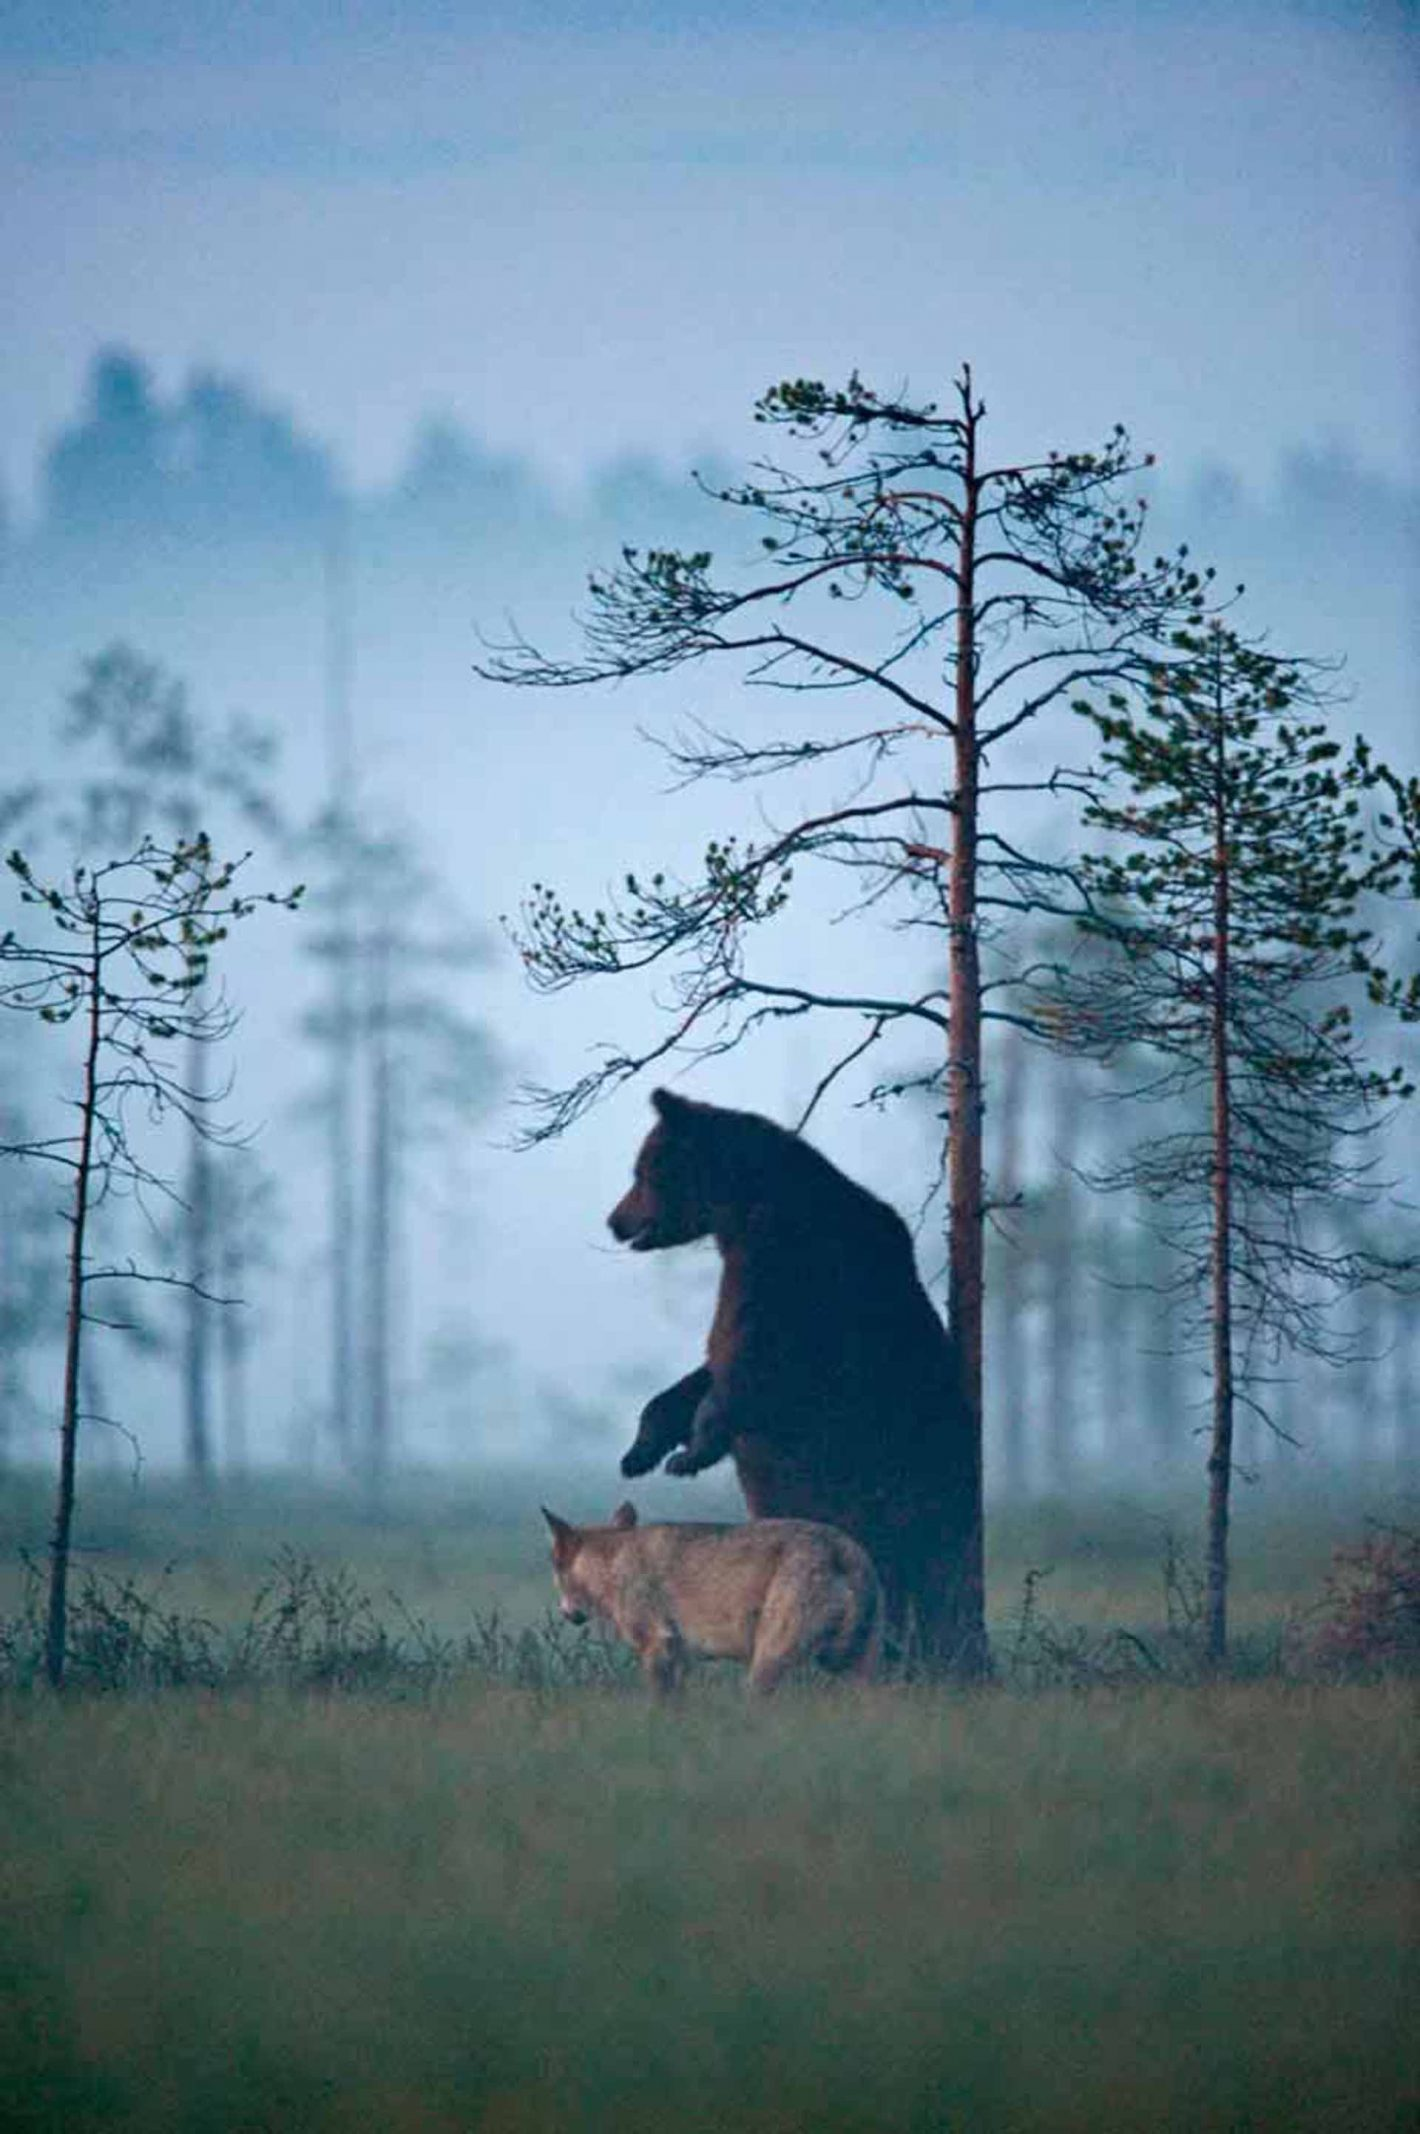 « Les ours et les loups restent mes sujets photographiques de prédilection. » Lassi Rautiainen. Photo prise avec le Nikon D3 et l'objectif NIKKOR 600MM